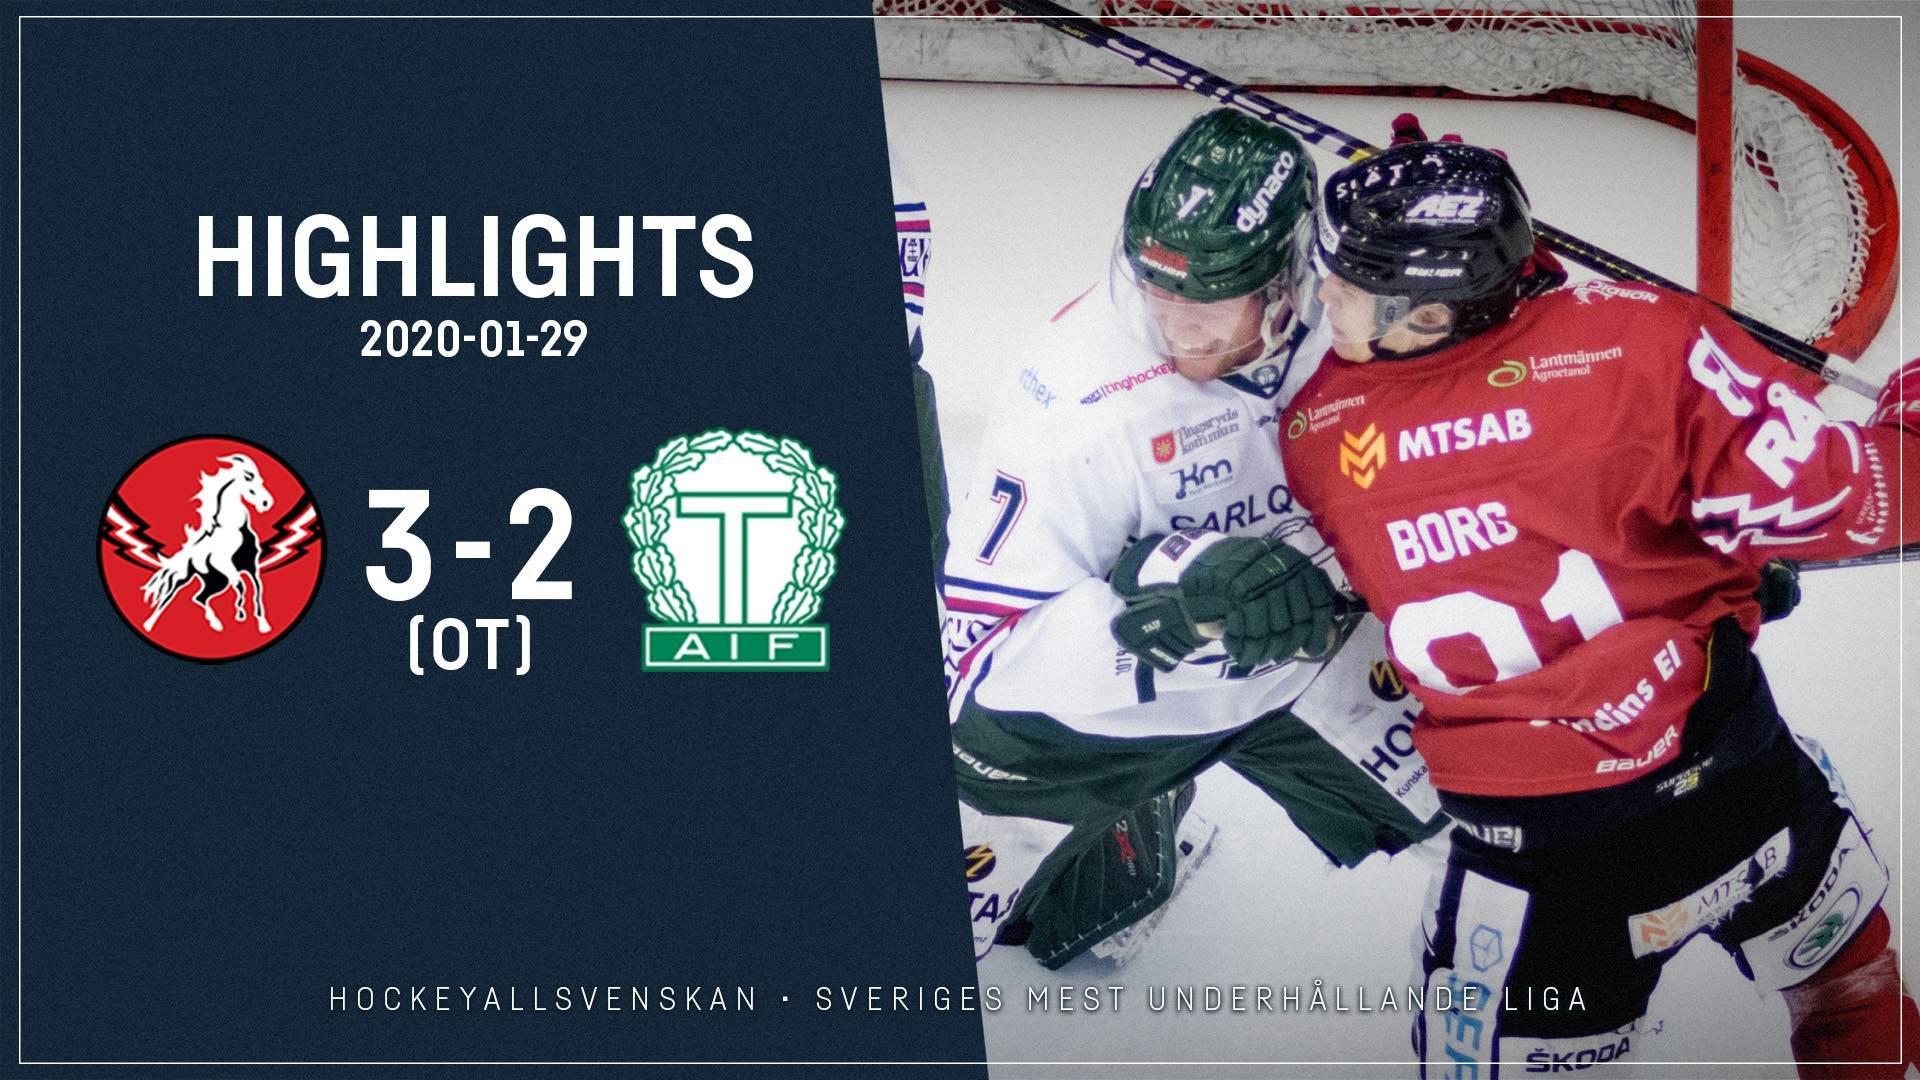 2020-01-29 Vita Hästen - Tingsryd 3-2 (OT)